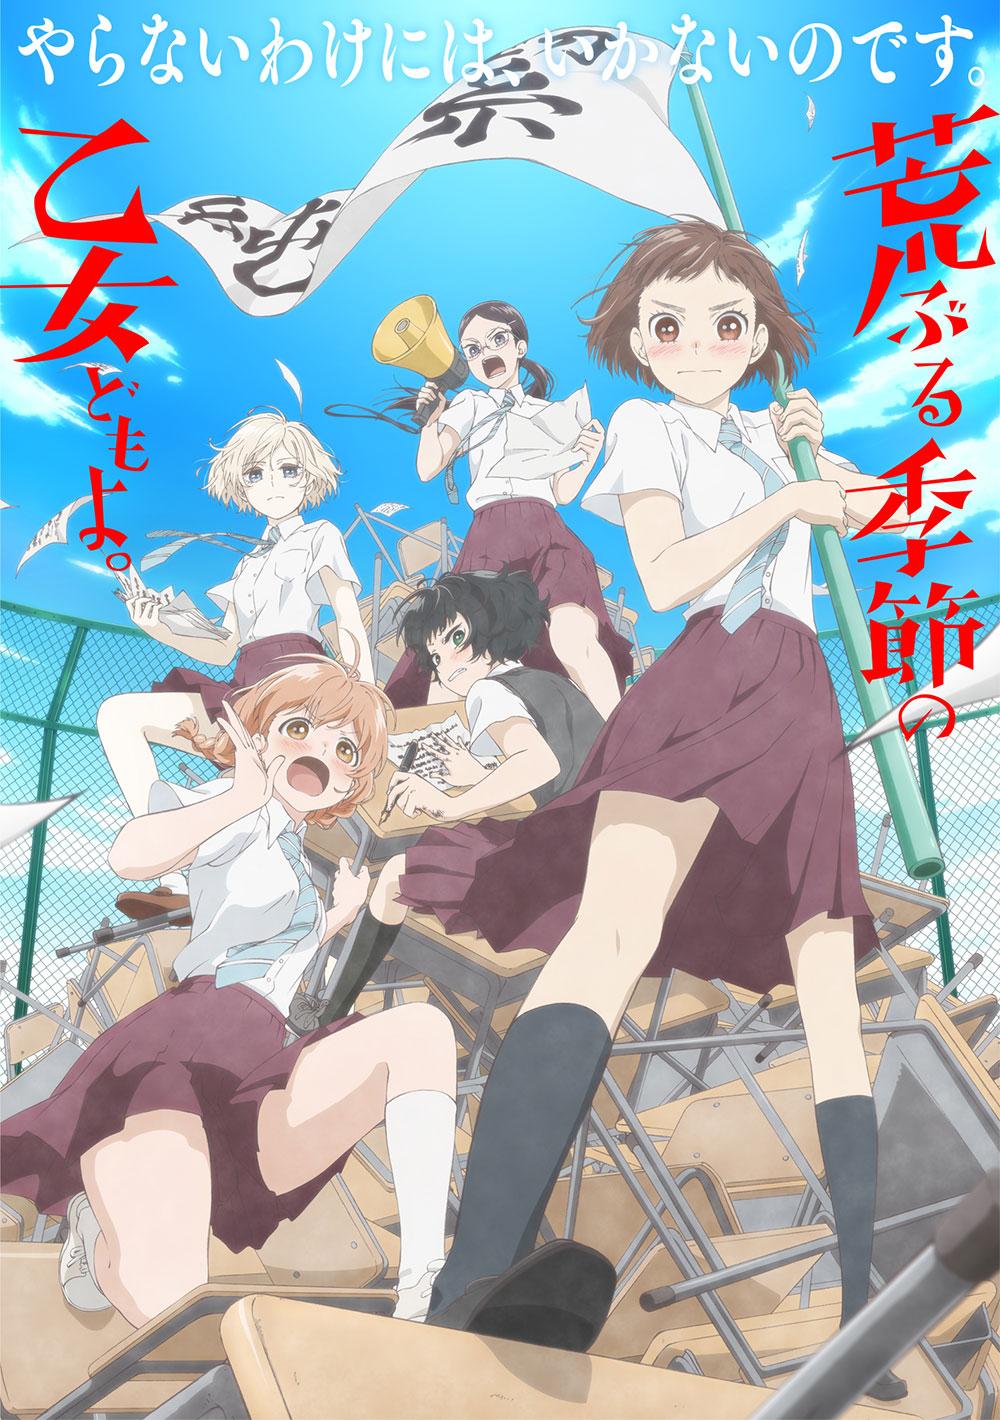 Araburu-Kisetsu-no-Otome-domo-yo-Anime-Visual